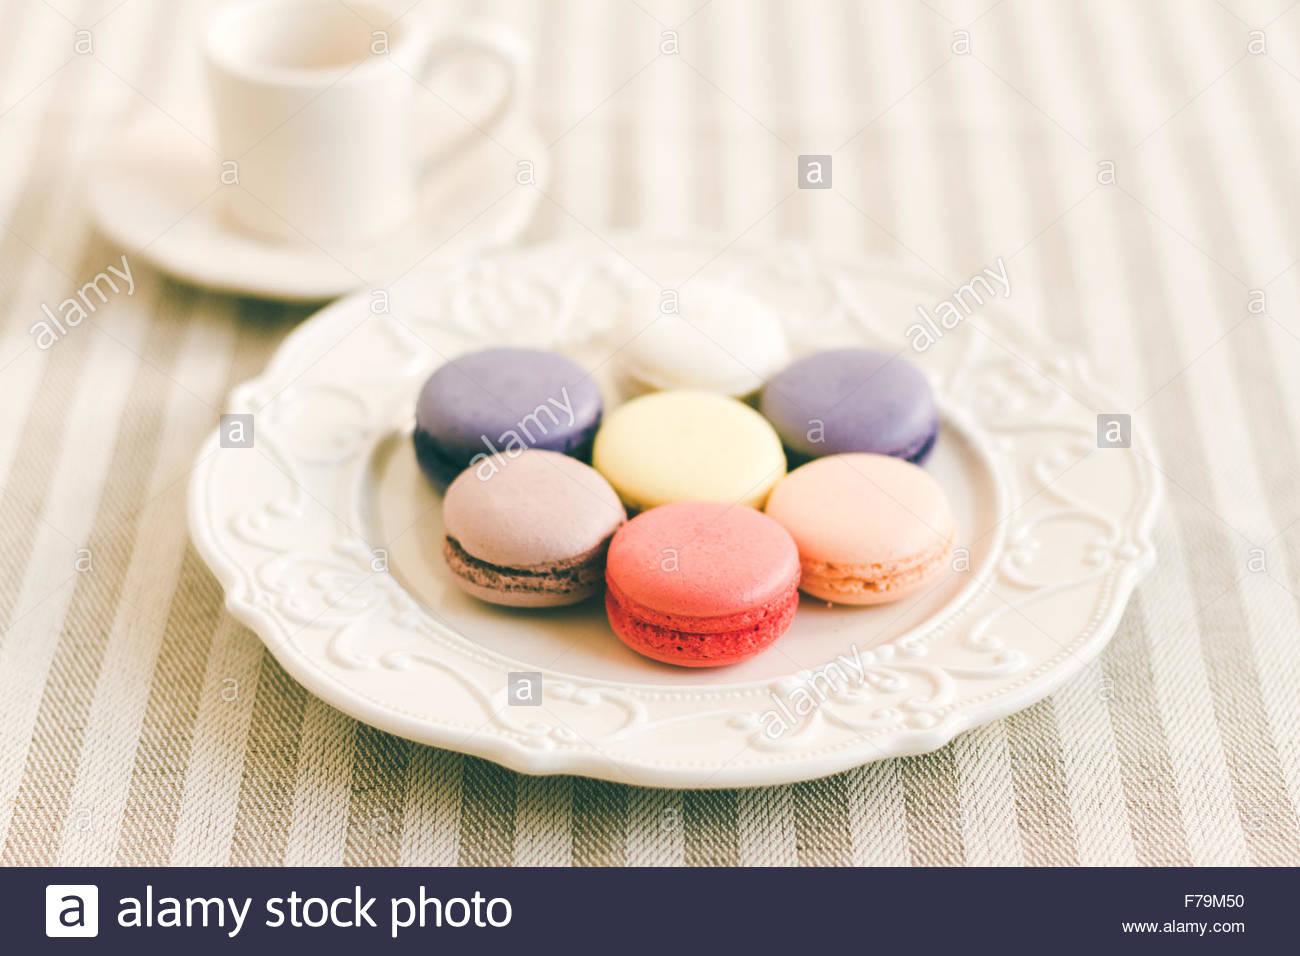 Verschiedene farbige Macarons auf weißen Retro-Teller. Selektiven Fokus Stockbild